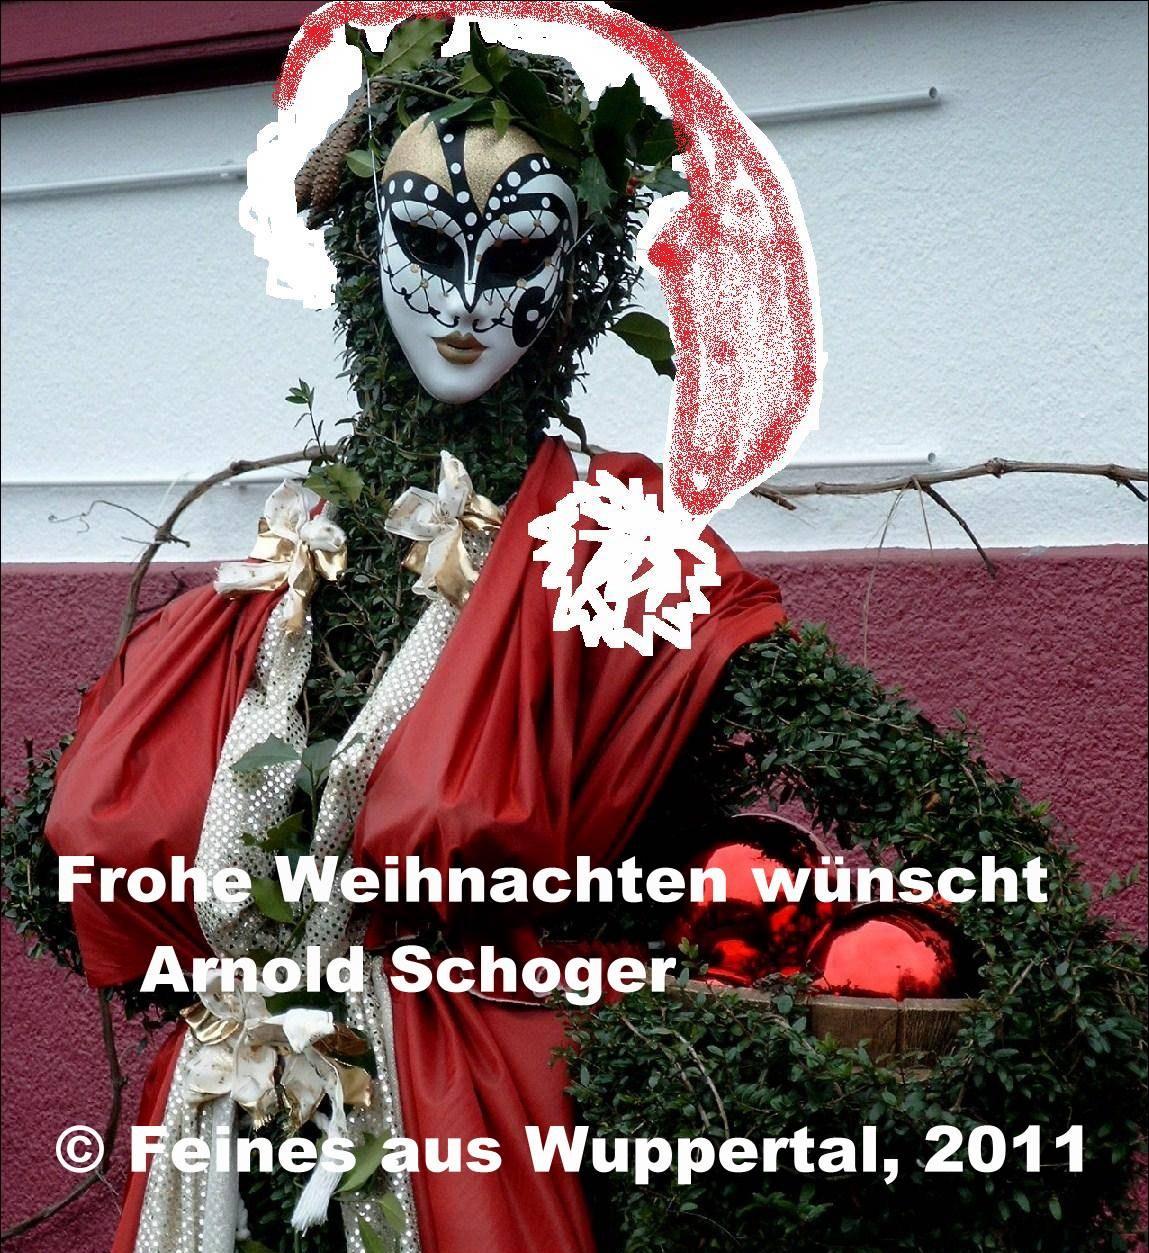 Feines aus Wuppertal: 2011